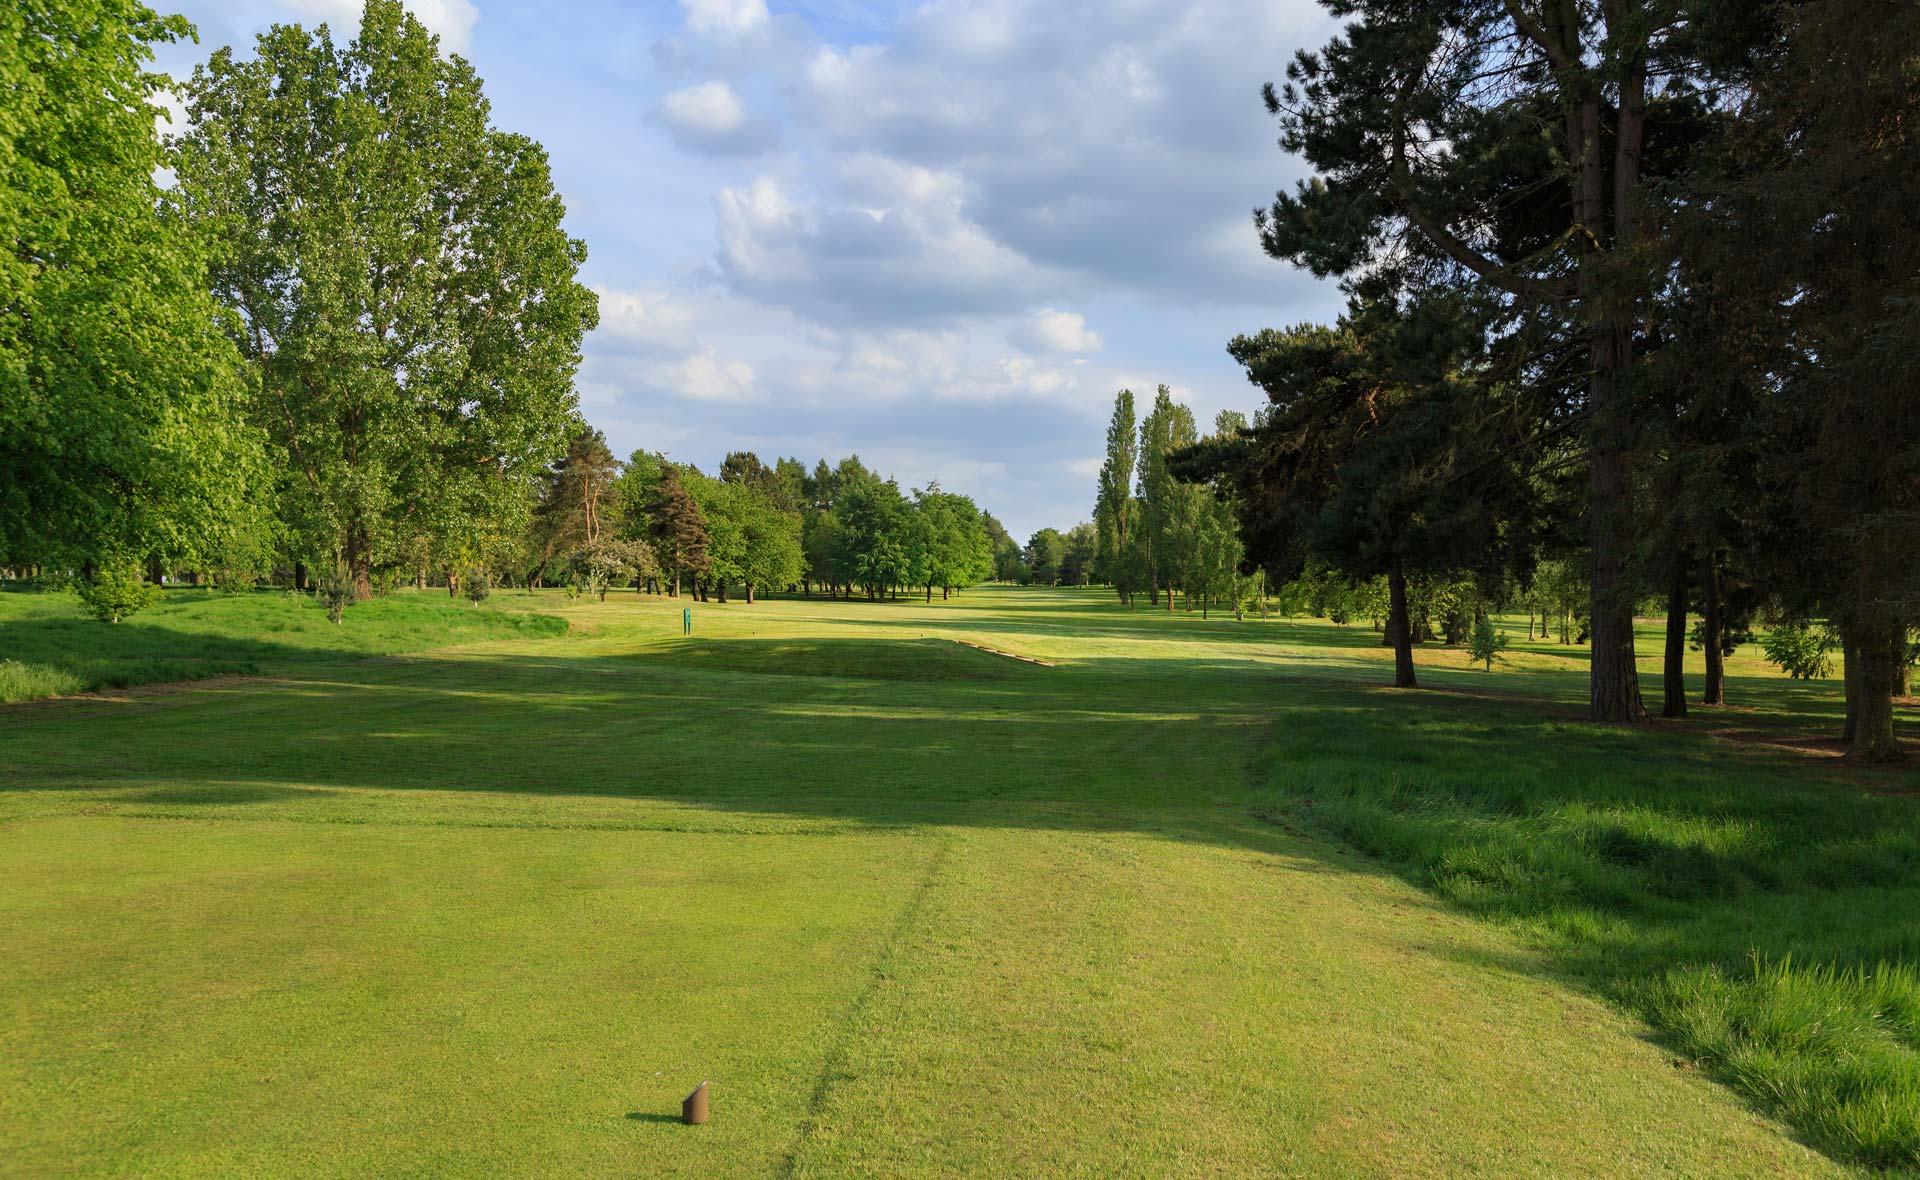 south staffordshire golf club hole 5